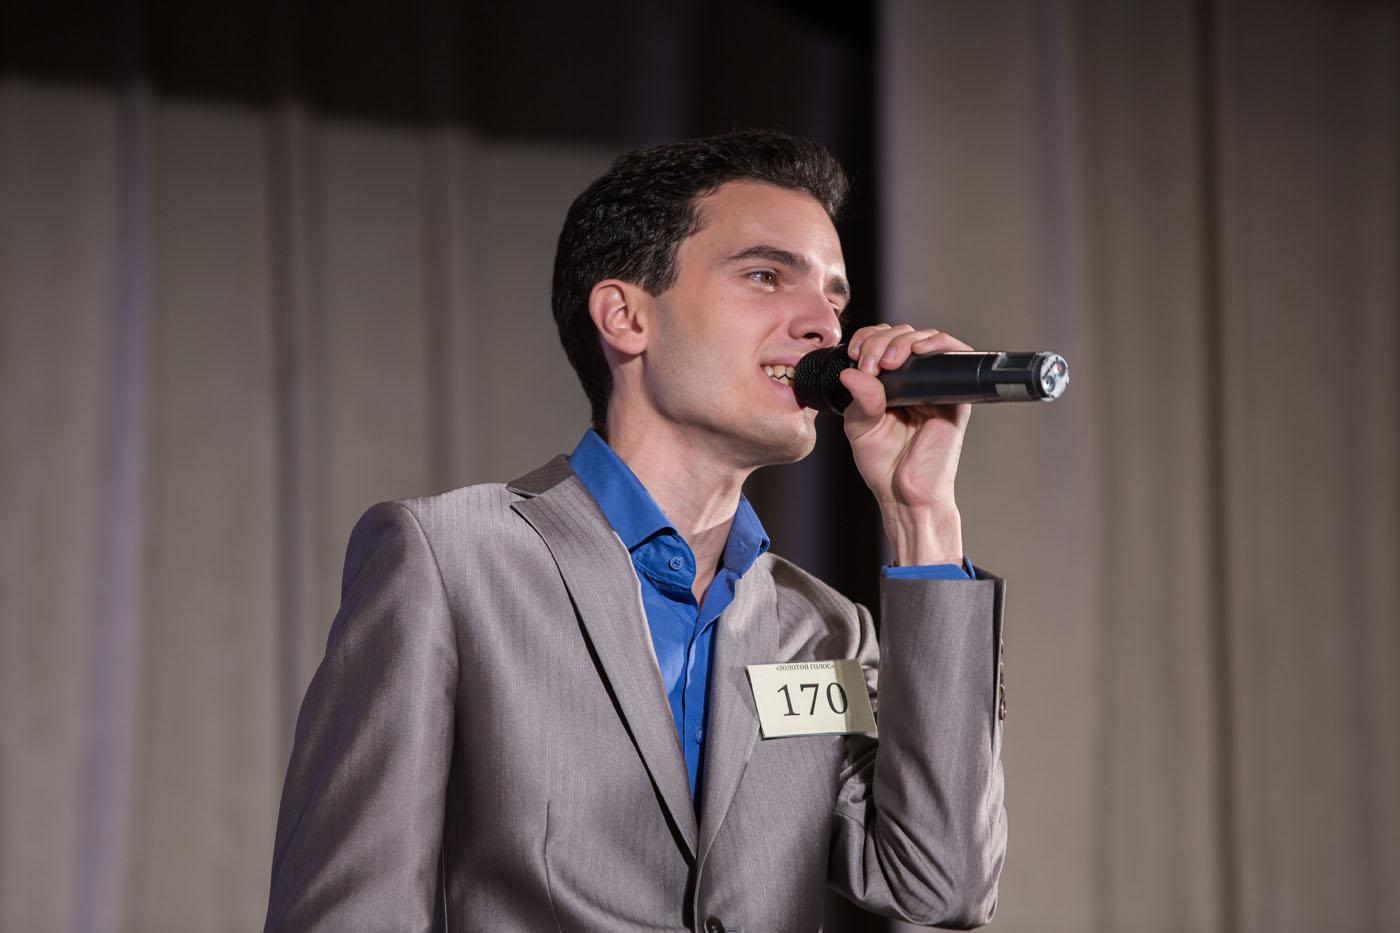 Певец конкурса голос